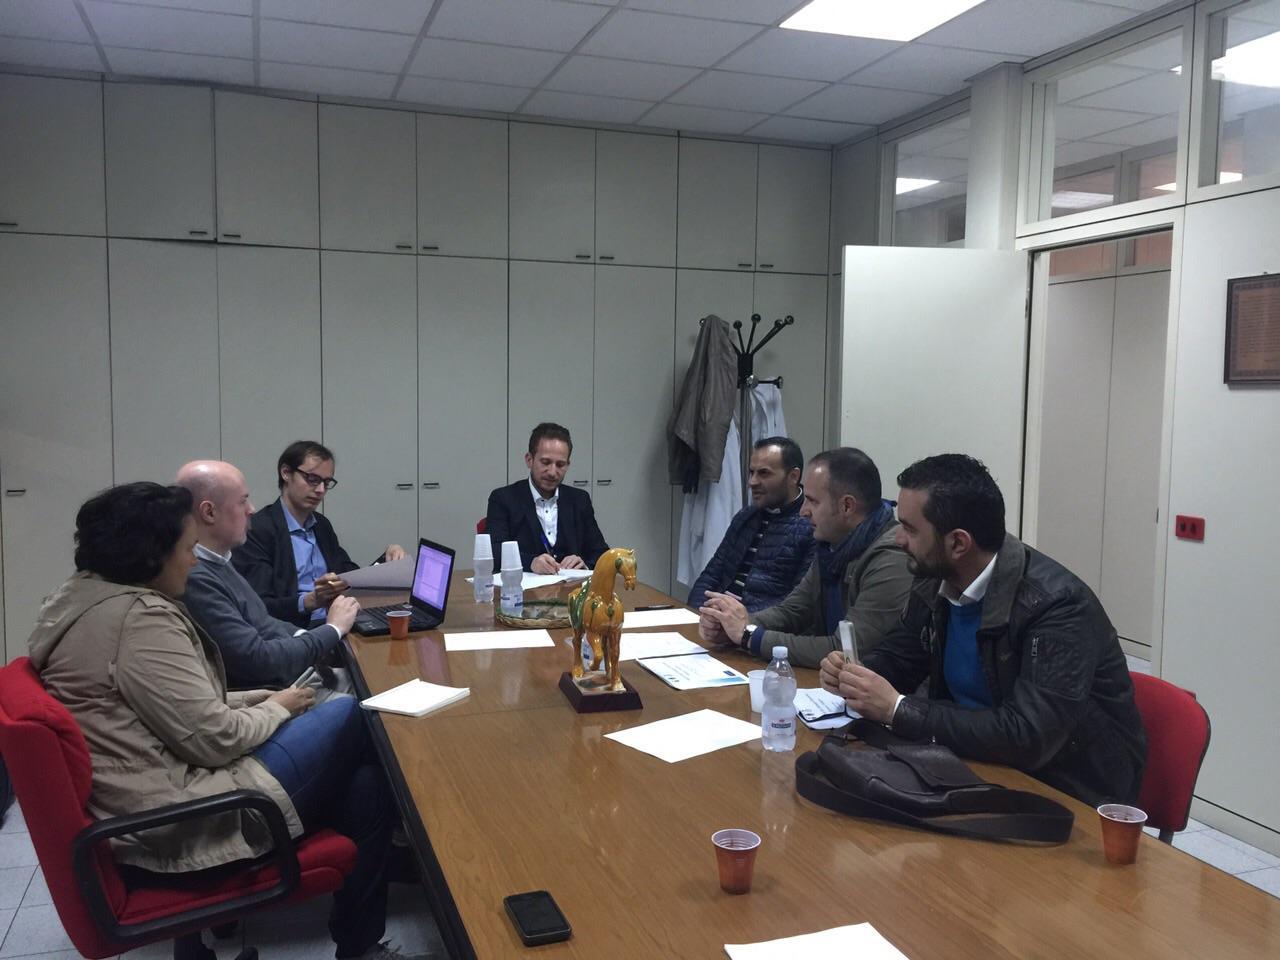 Patto dei sindaci: le aziende di San Giuseppe Vesuviano, Terzigno e Striano, incubatrici dei piani di efficienza energetica